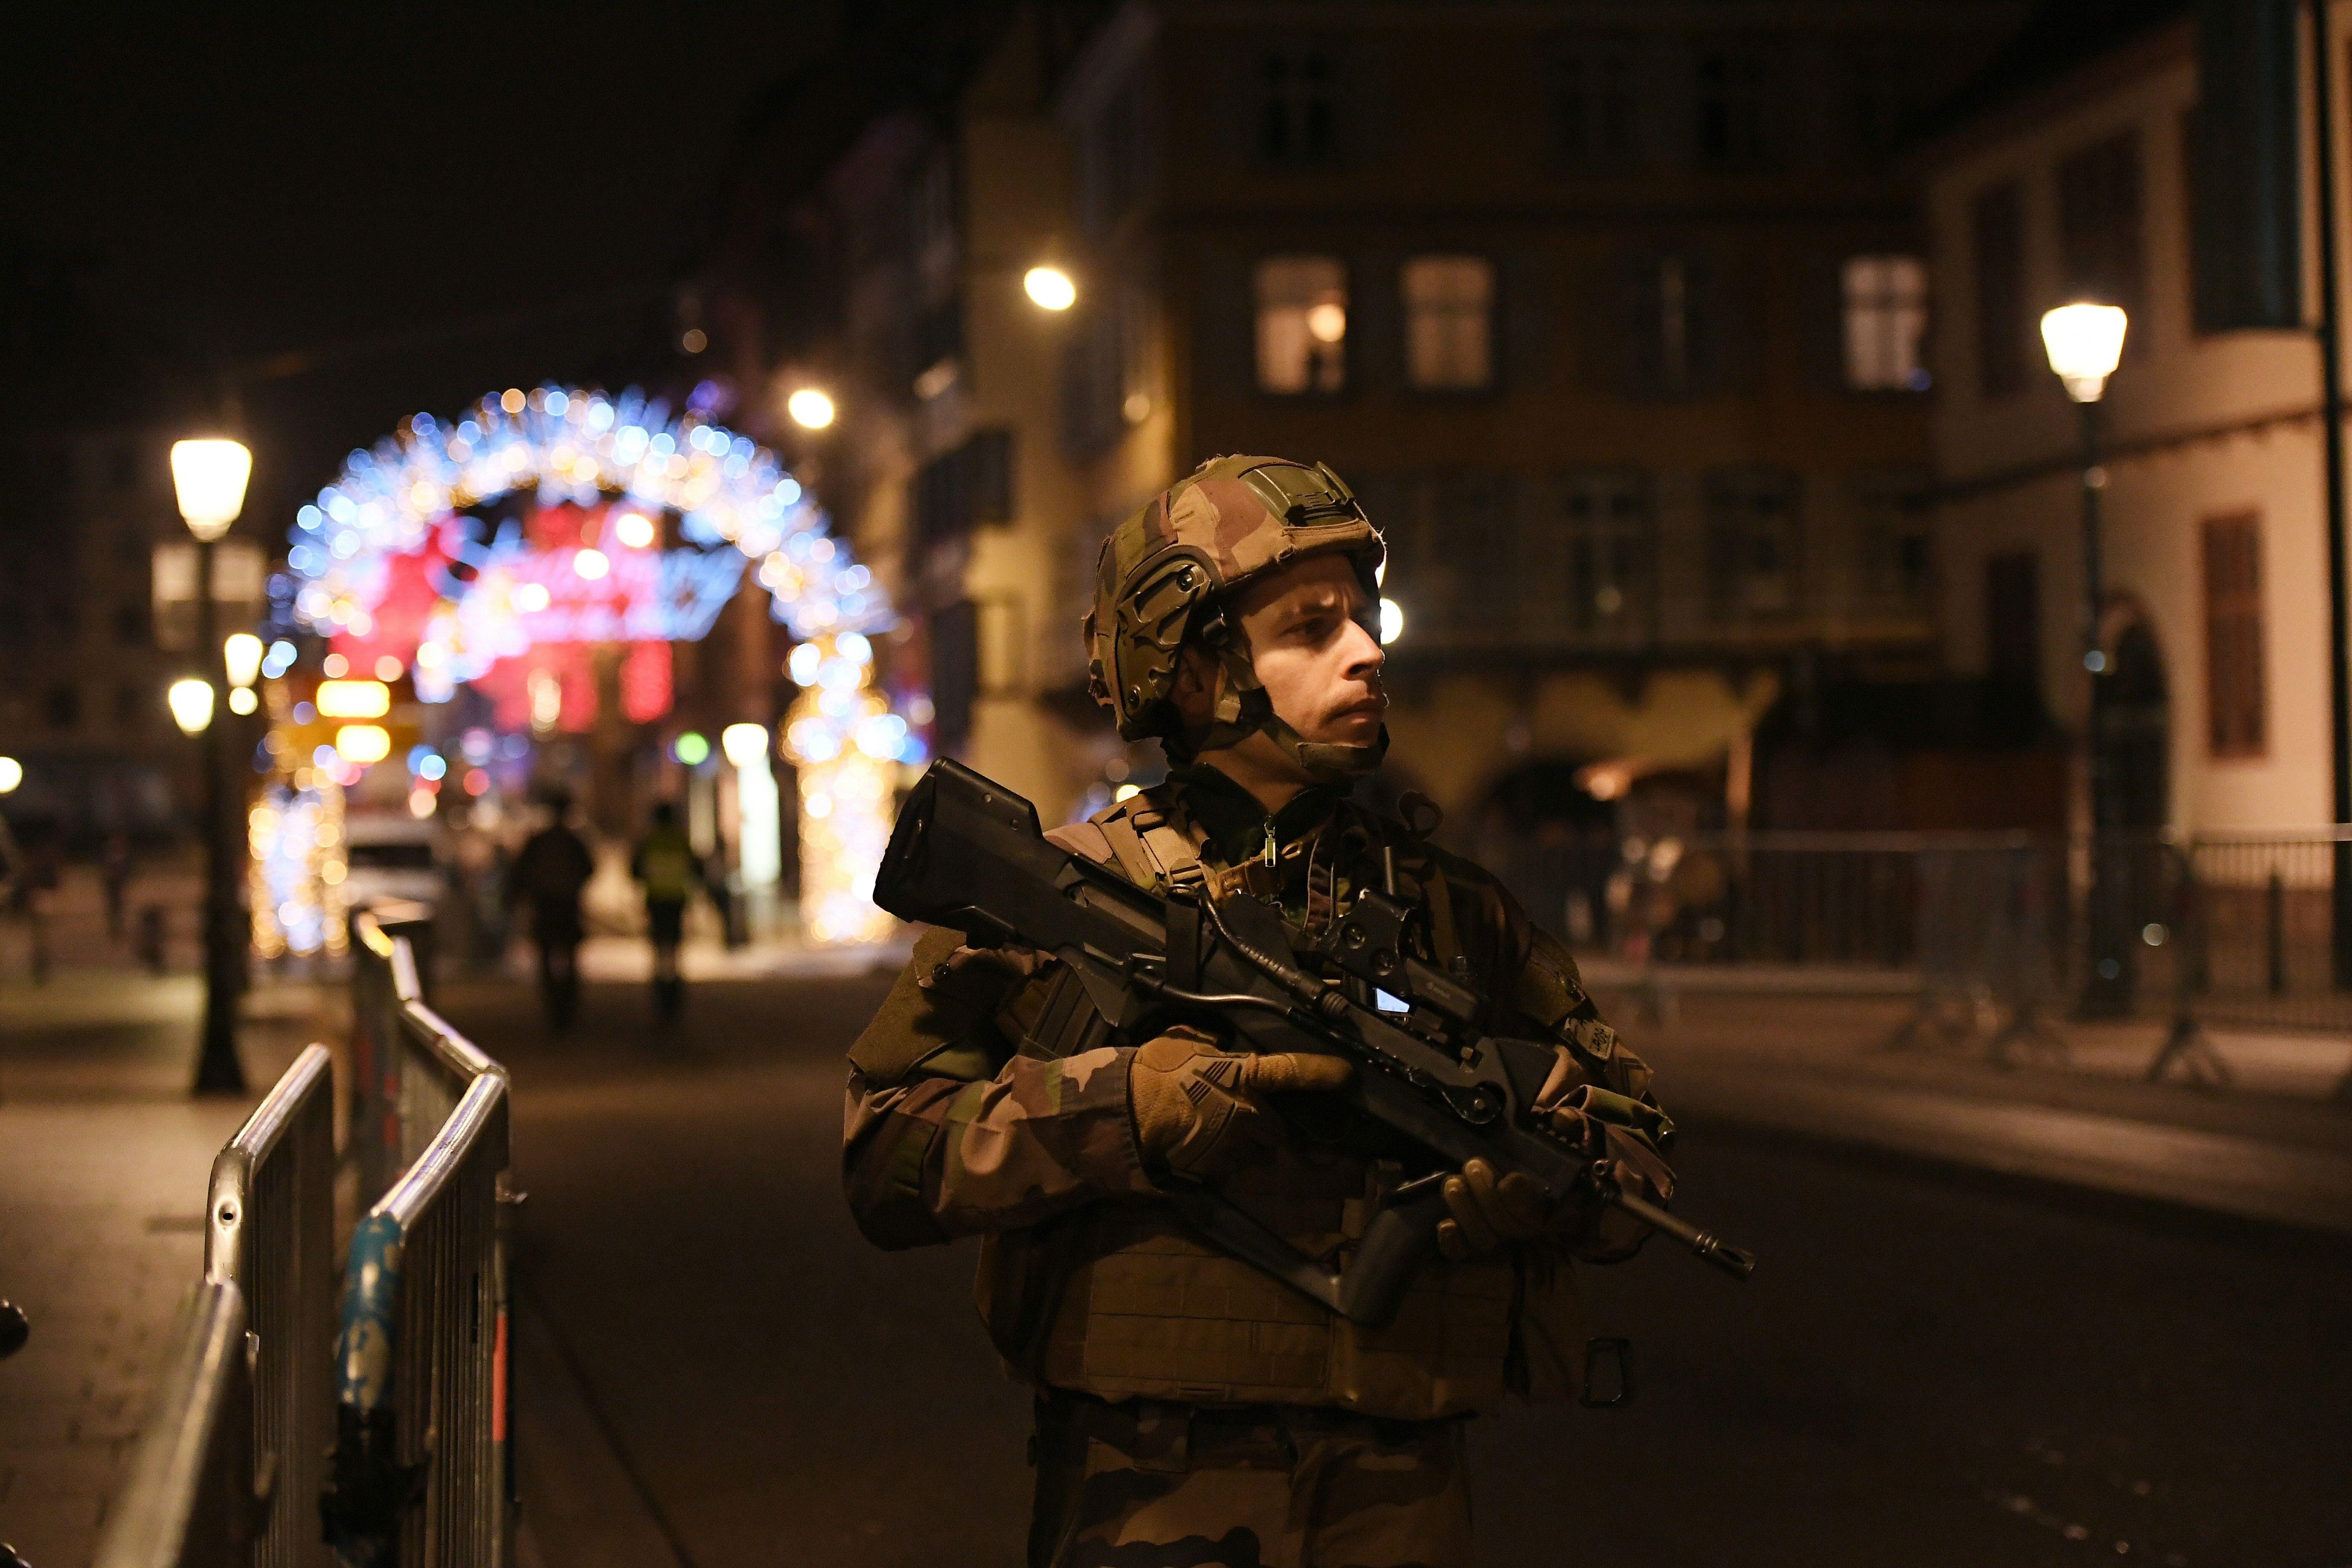 Tiroteo en Estrasburgo, Francia: al menos cuatro muertos y varios heridos